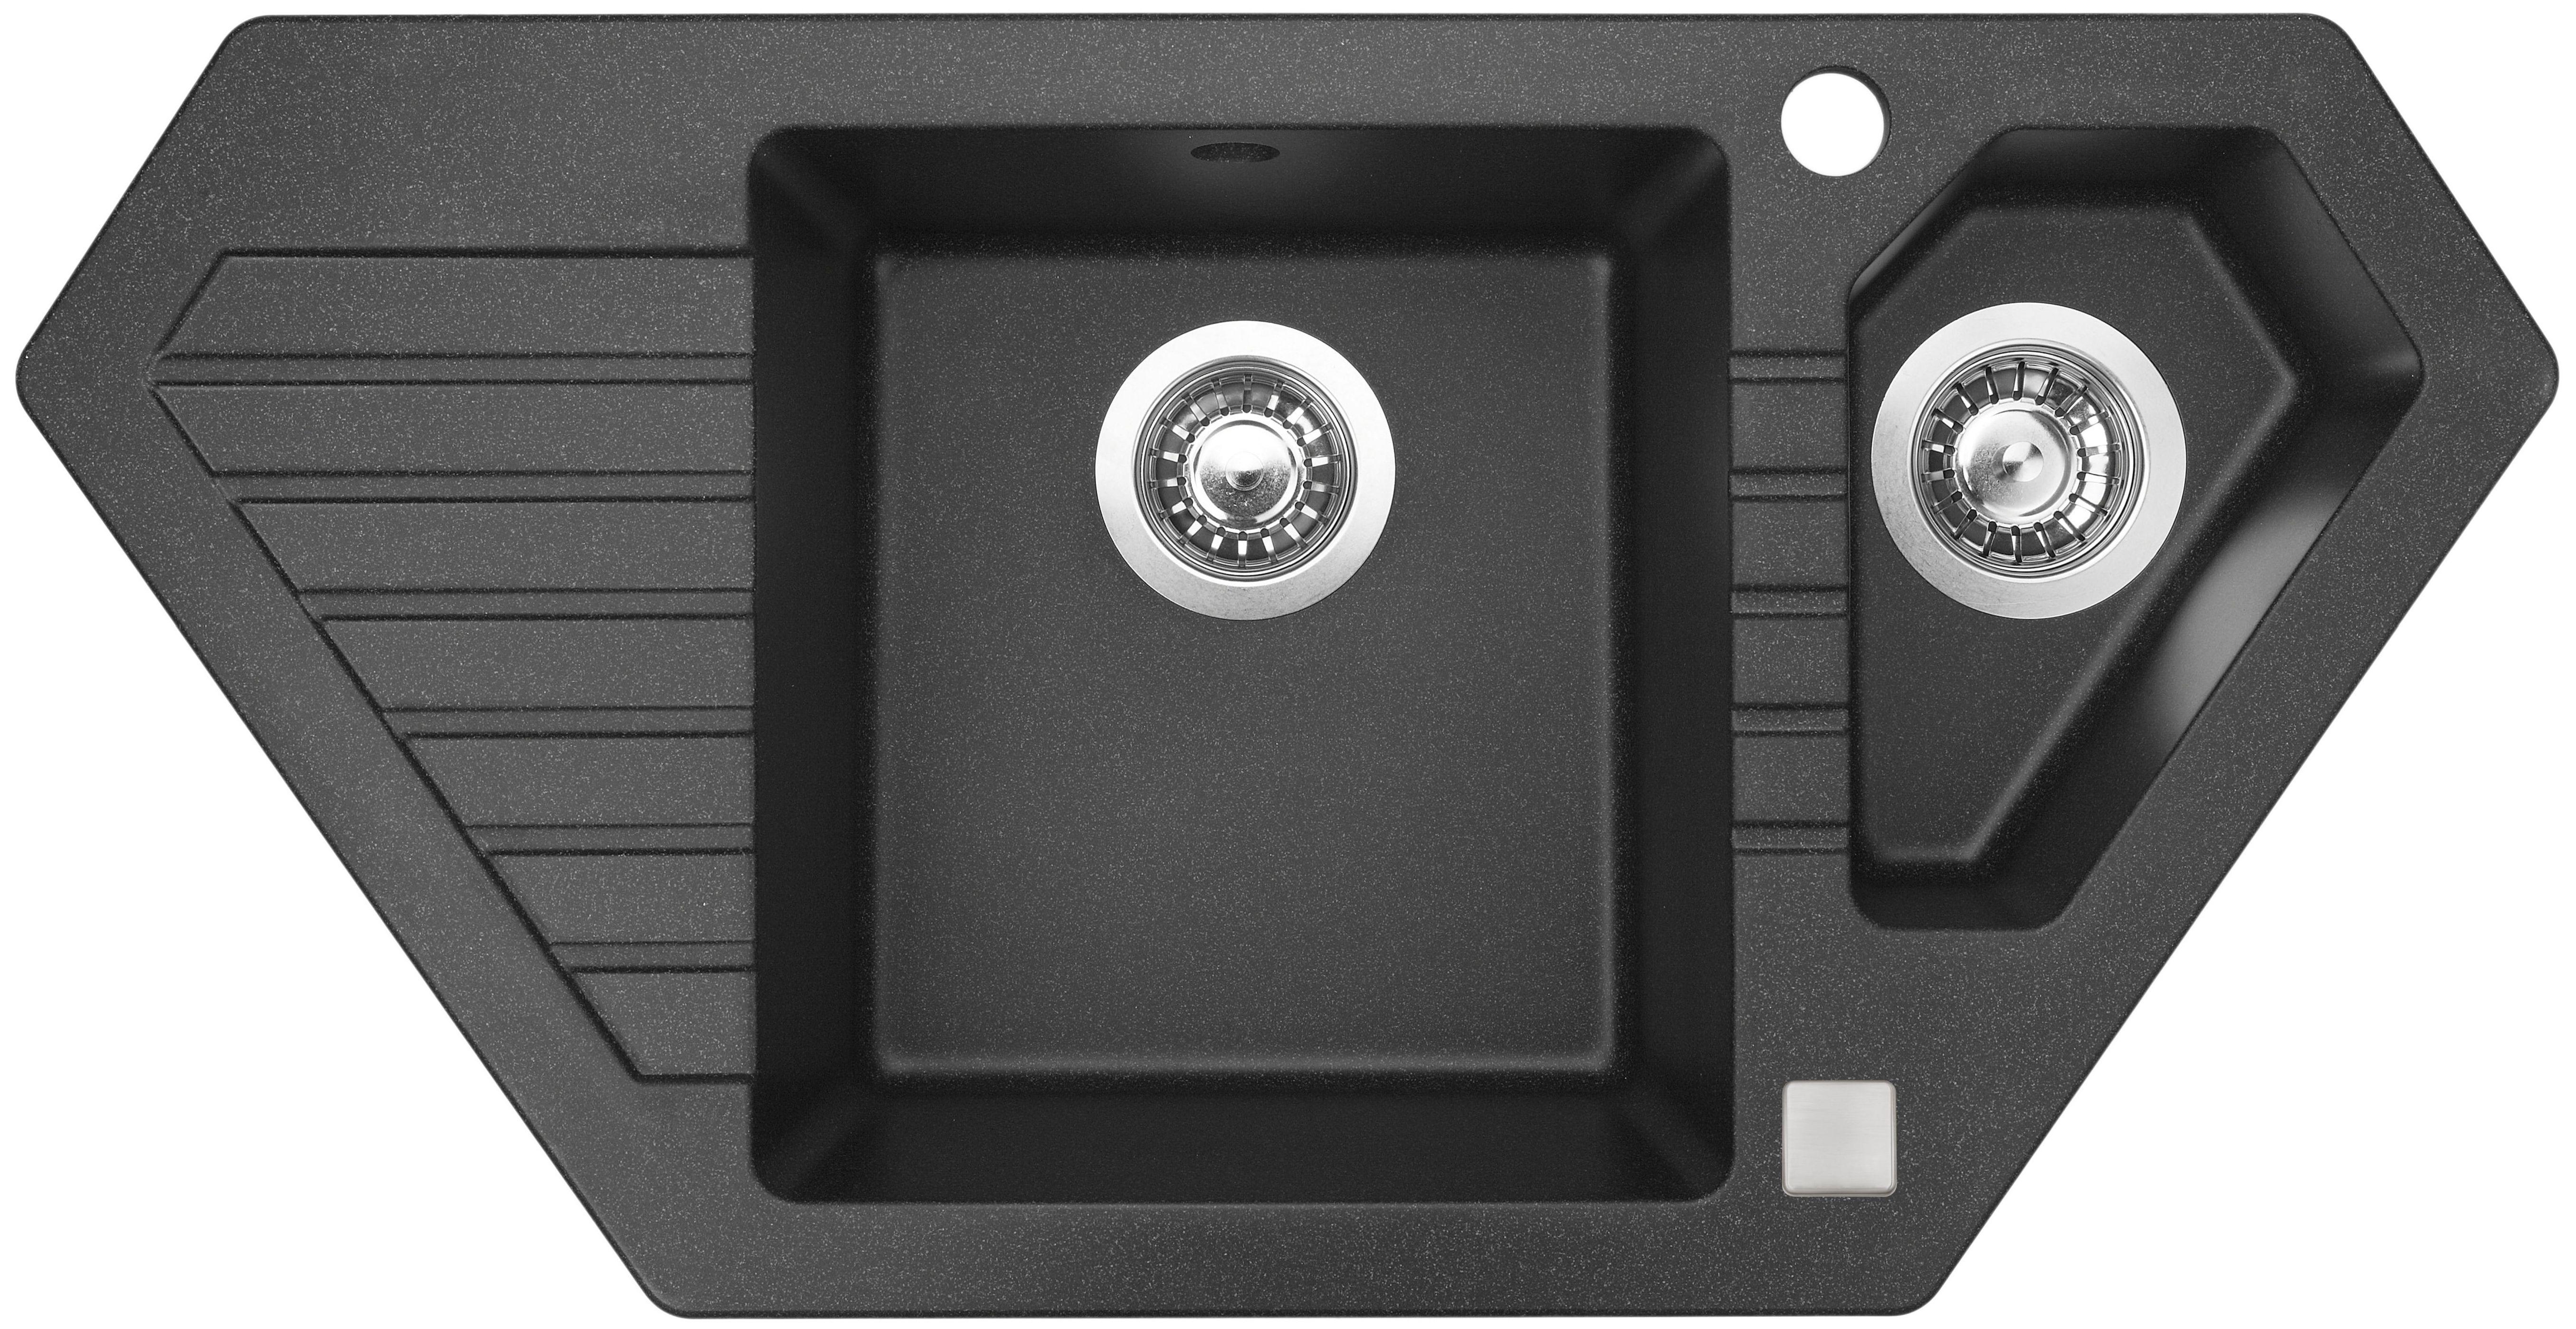 Kuchyňský dřez Sinks Bravo 850.1 Granblack 30